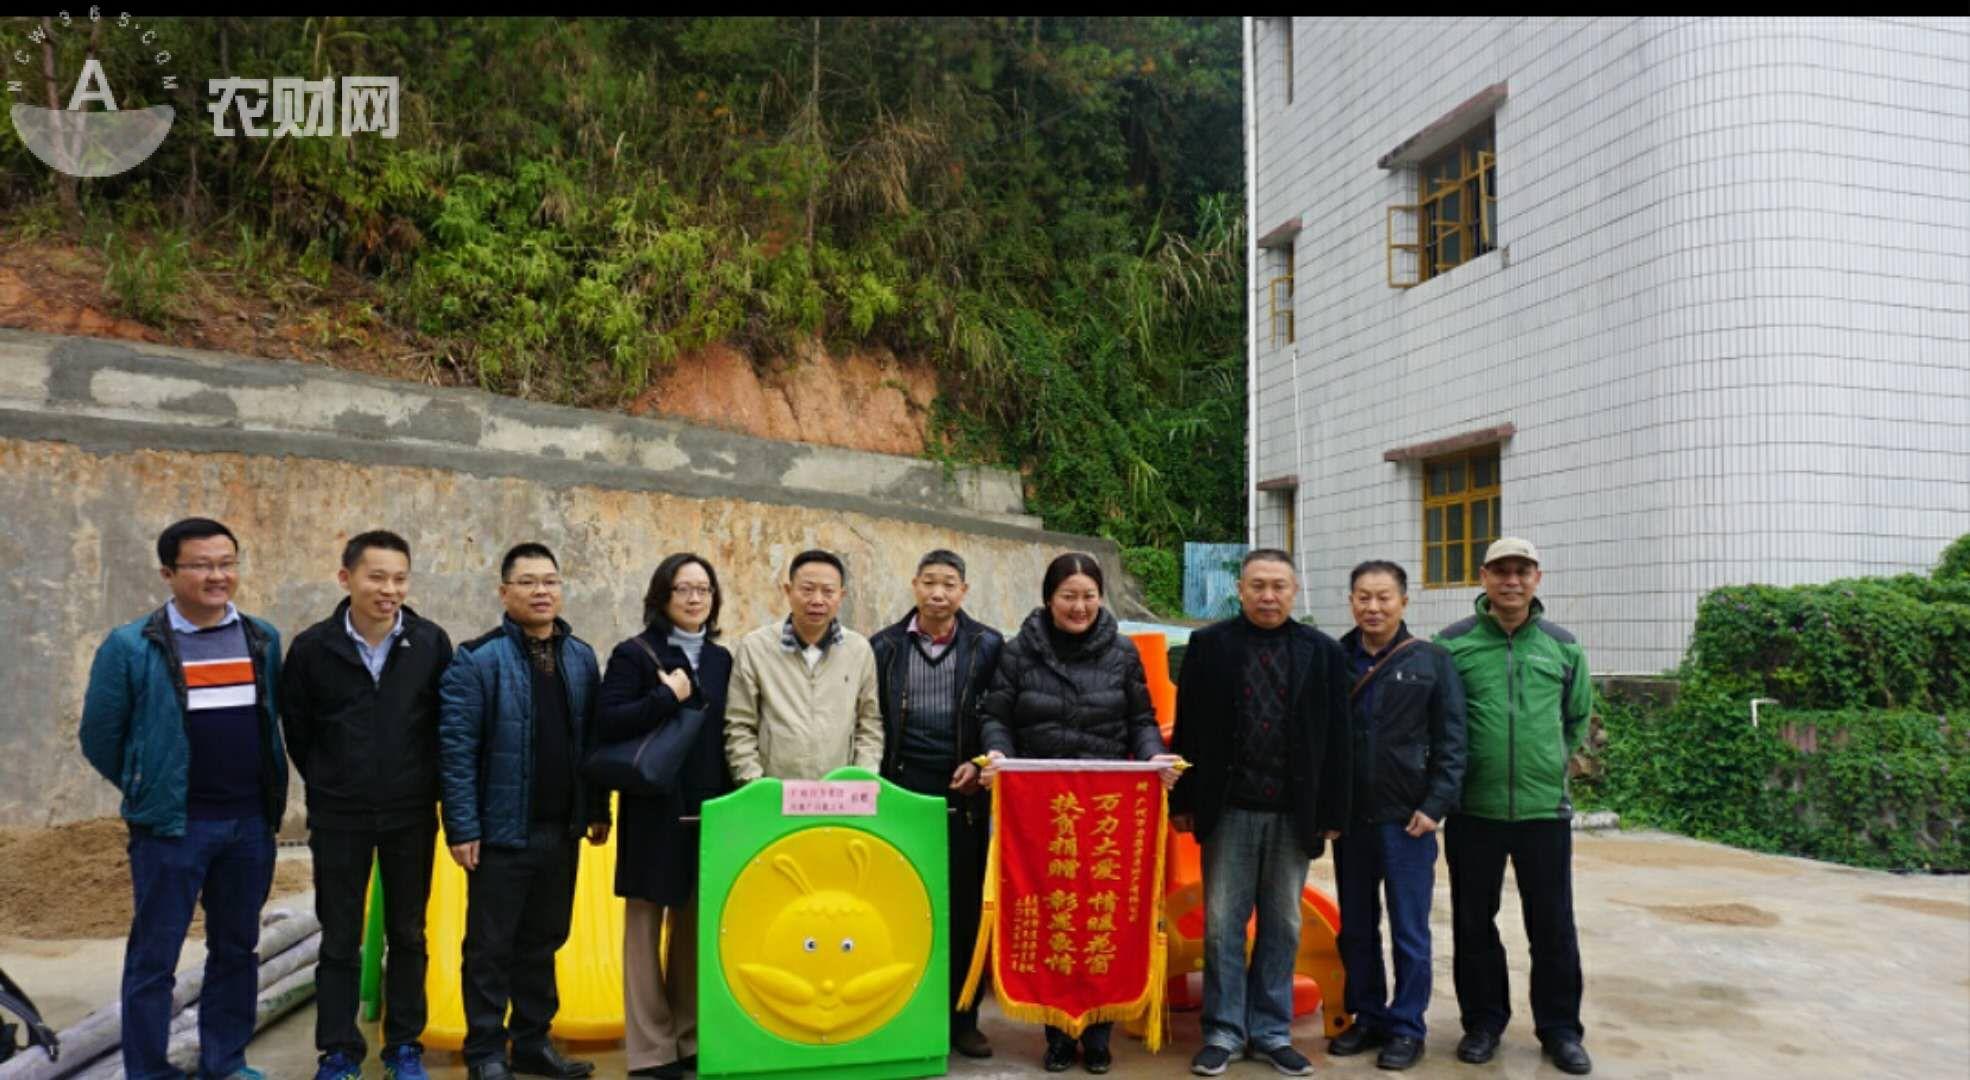 图二、广州万力集团房地产有限公司物资捐赠仪式(二).jpg